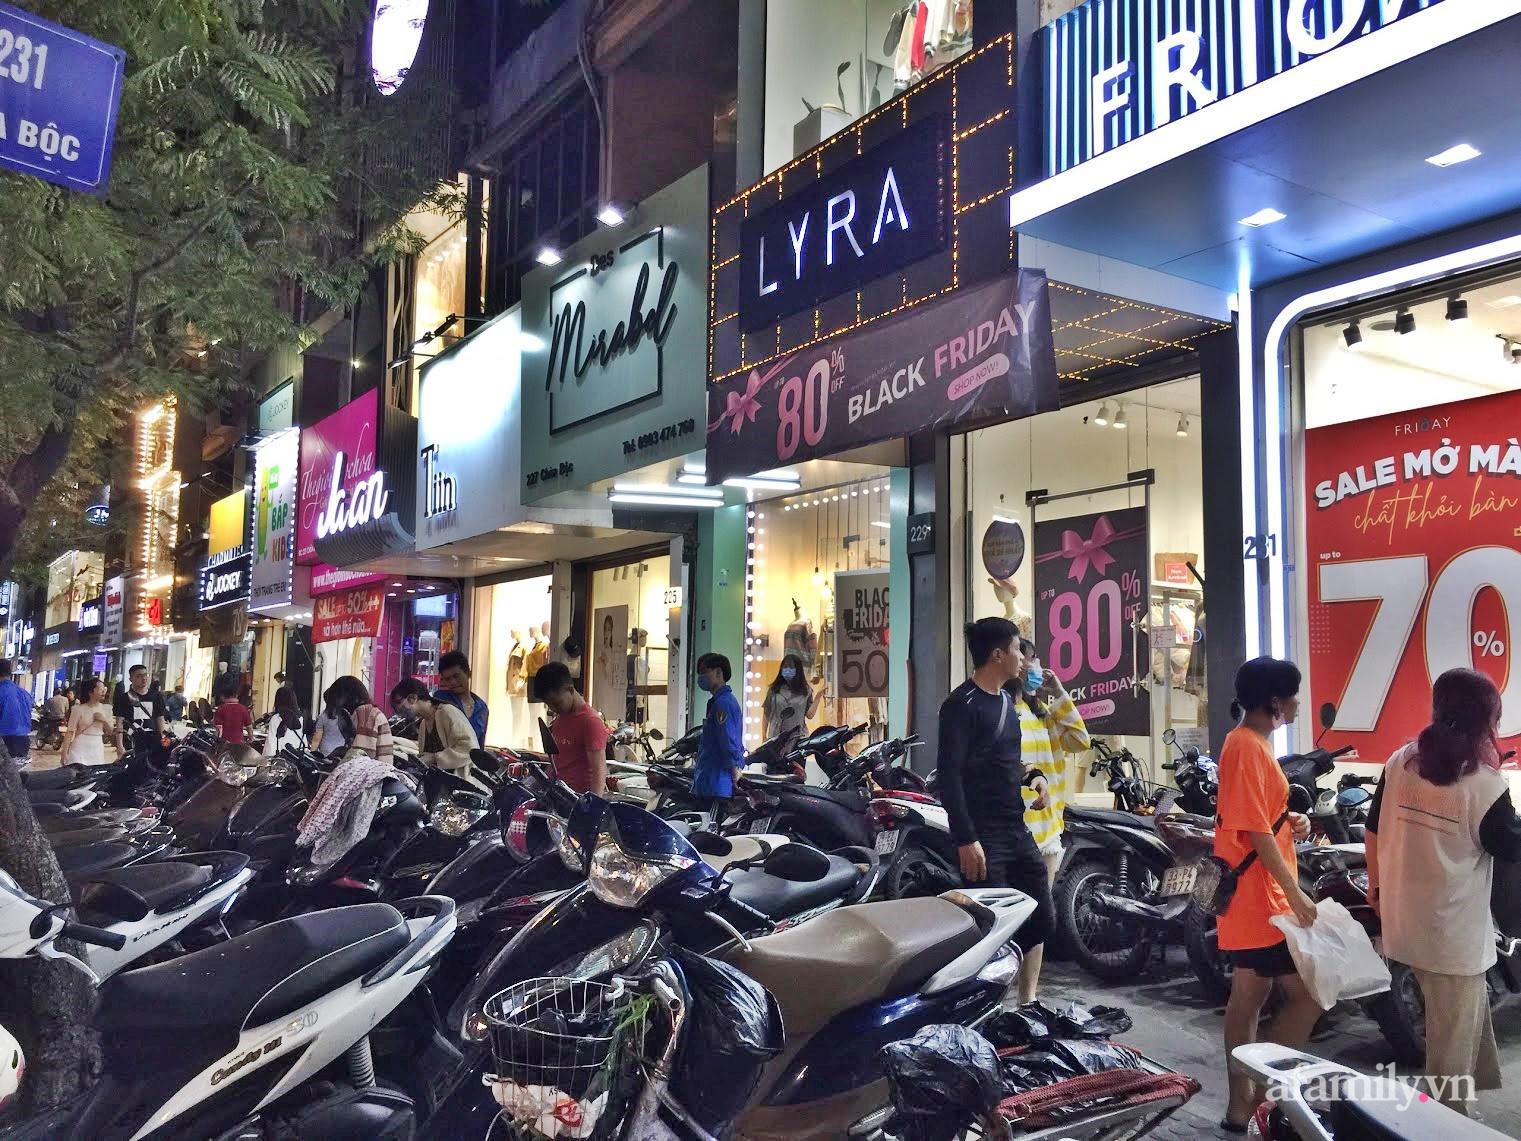 Hà Nội: Phố thời trang, trung tâm thương mại rợp biển giảm giá 80% trước ngày mua sắm Black Friday - Ảnh 2.